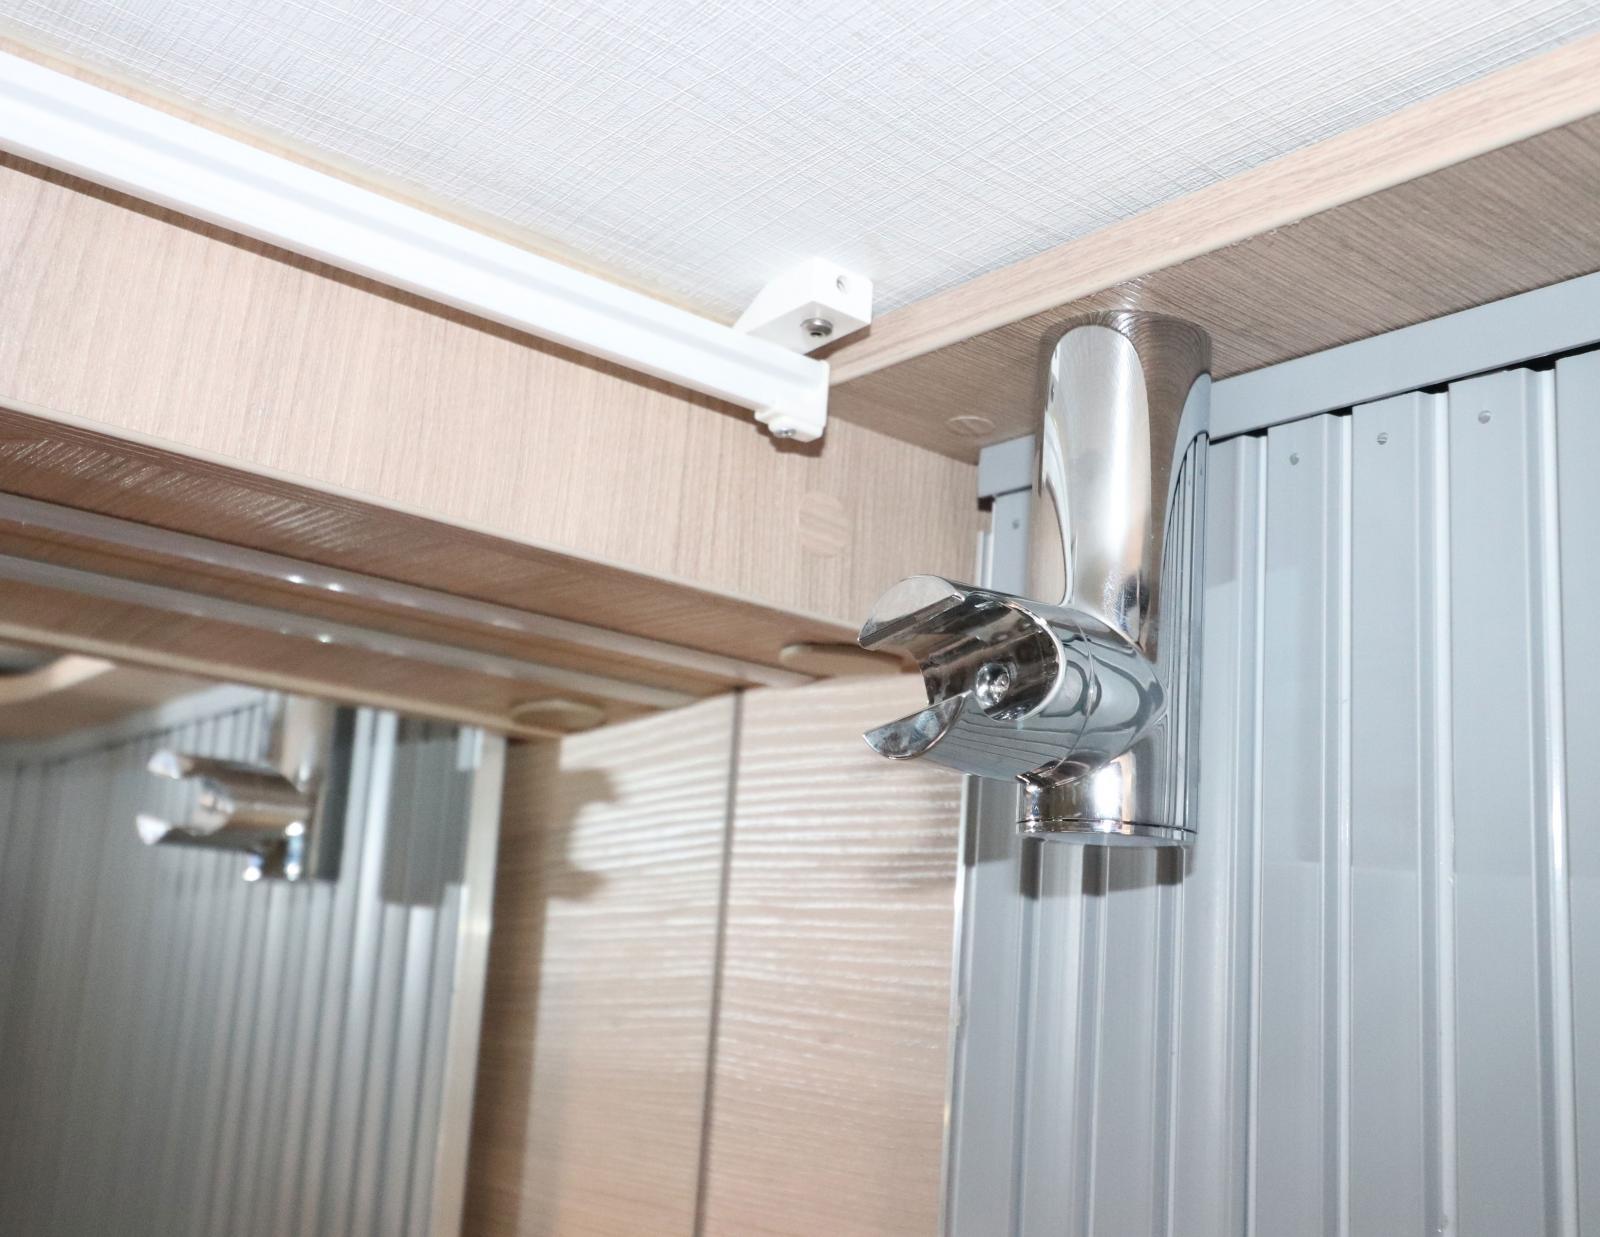 Kranen till handfatet kan dras ut och fästas i taket.